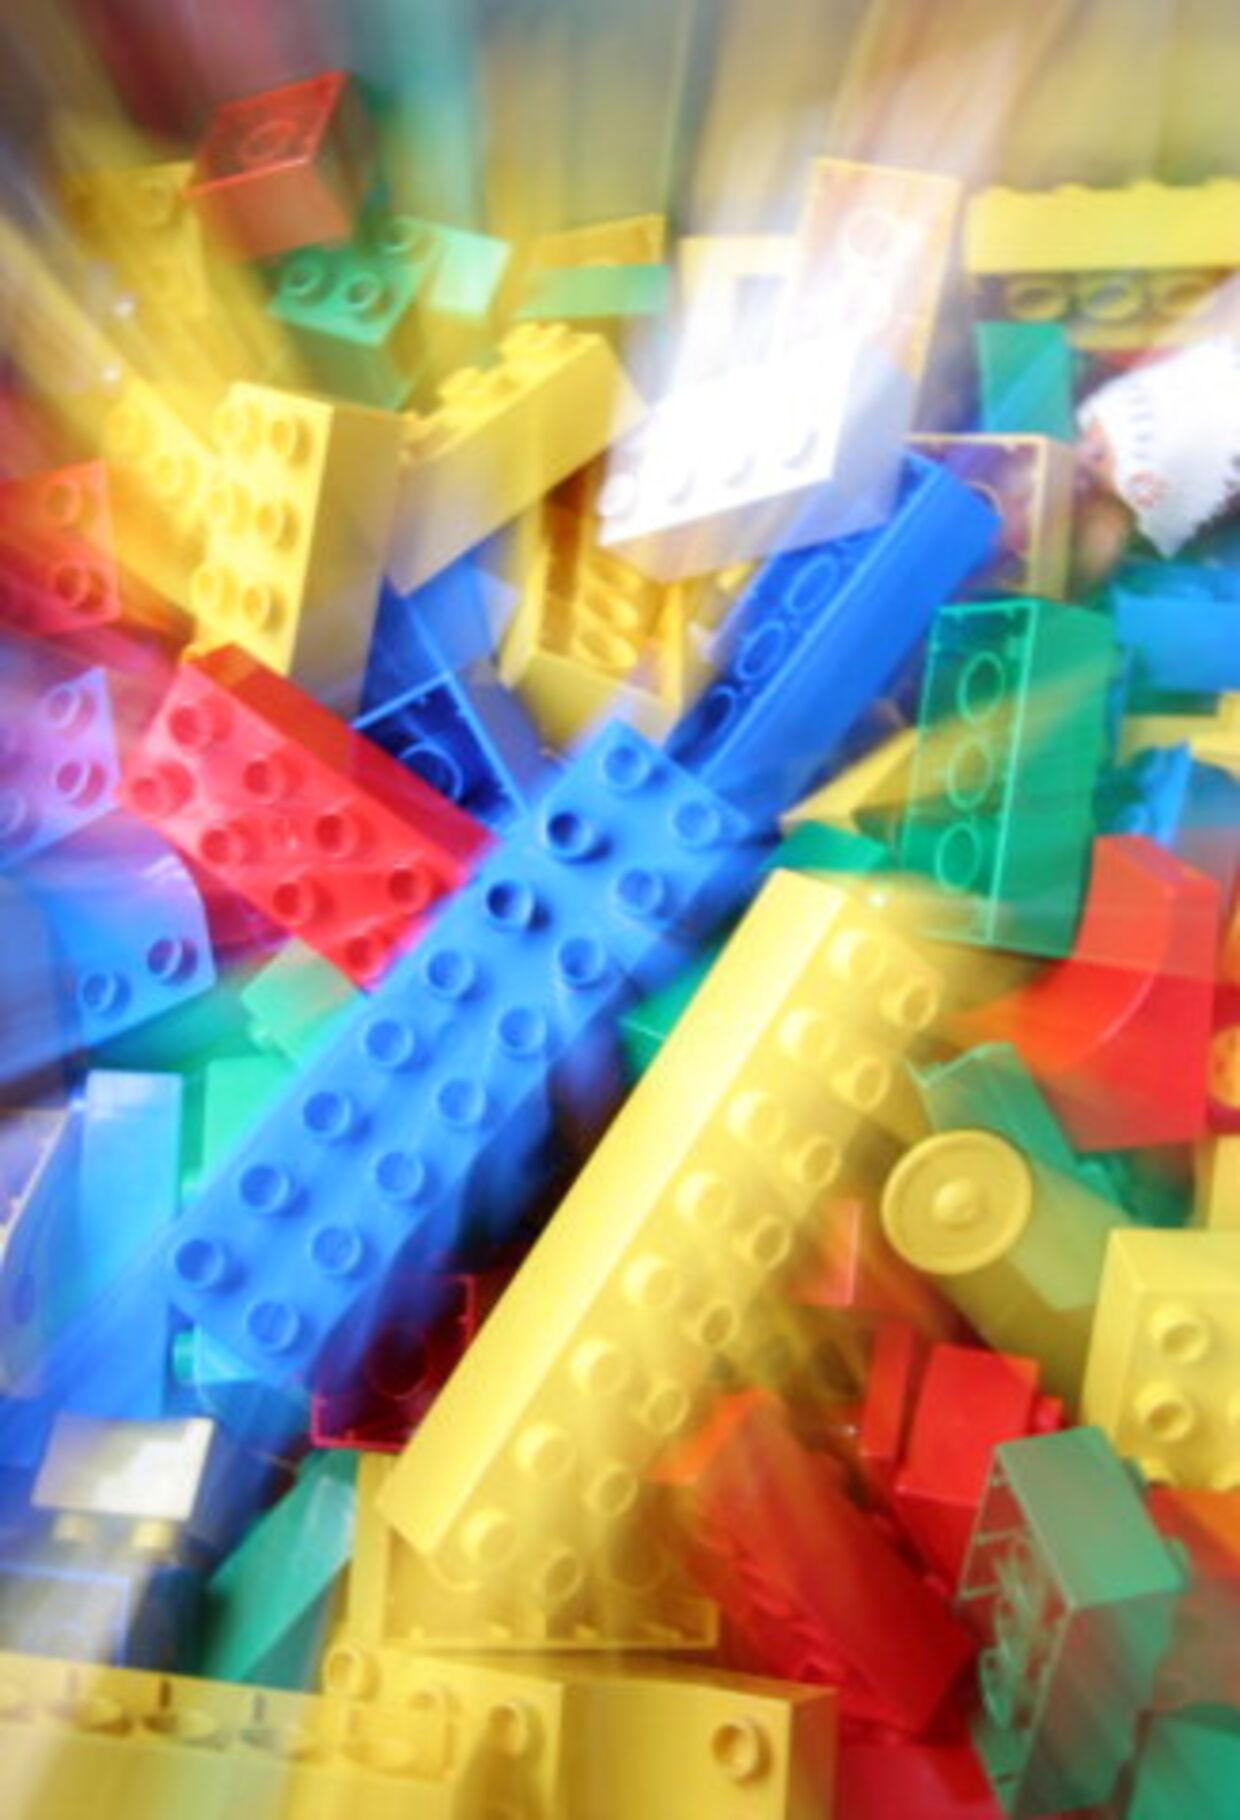 Lego er blandt de virksomheder, som gør forbrugerne til aktive deltagere i udviklingen af produkter.<br>Foto: Brian Bergmann